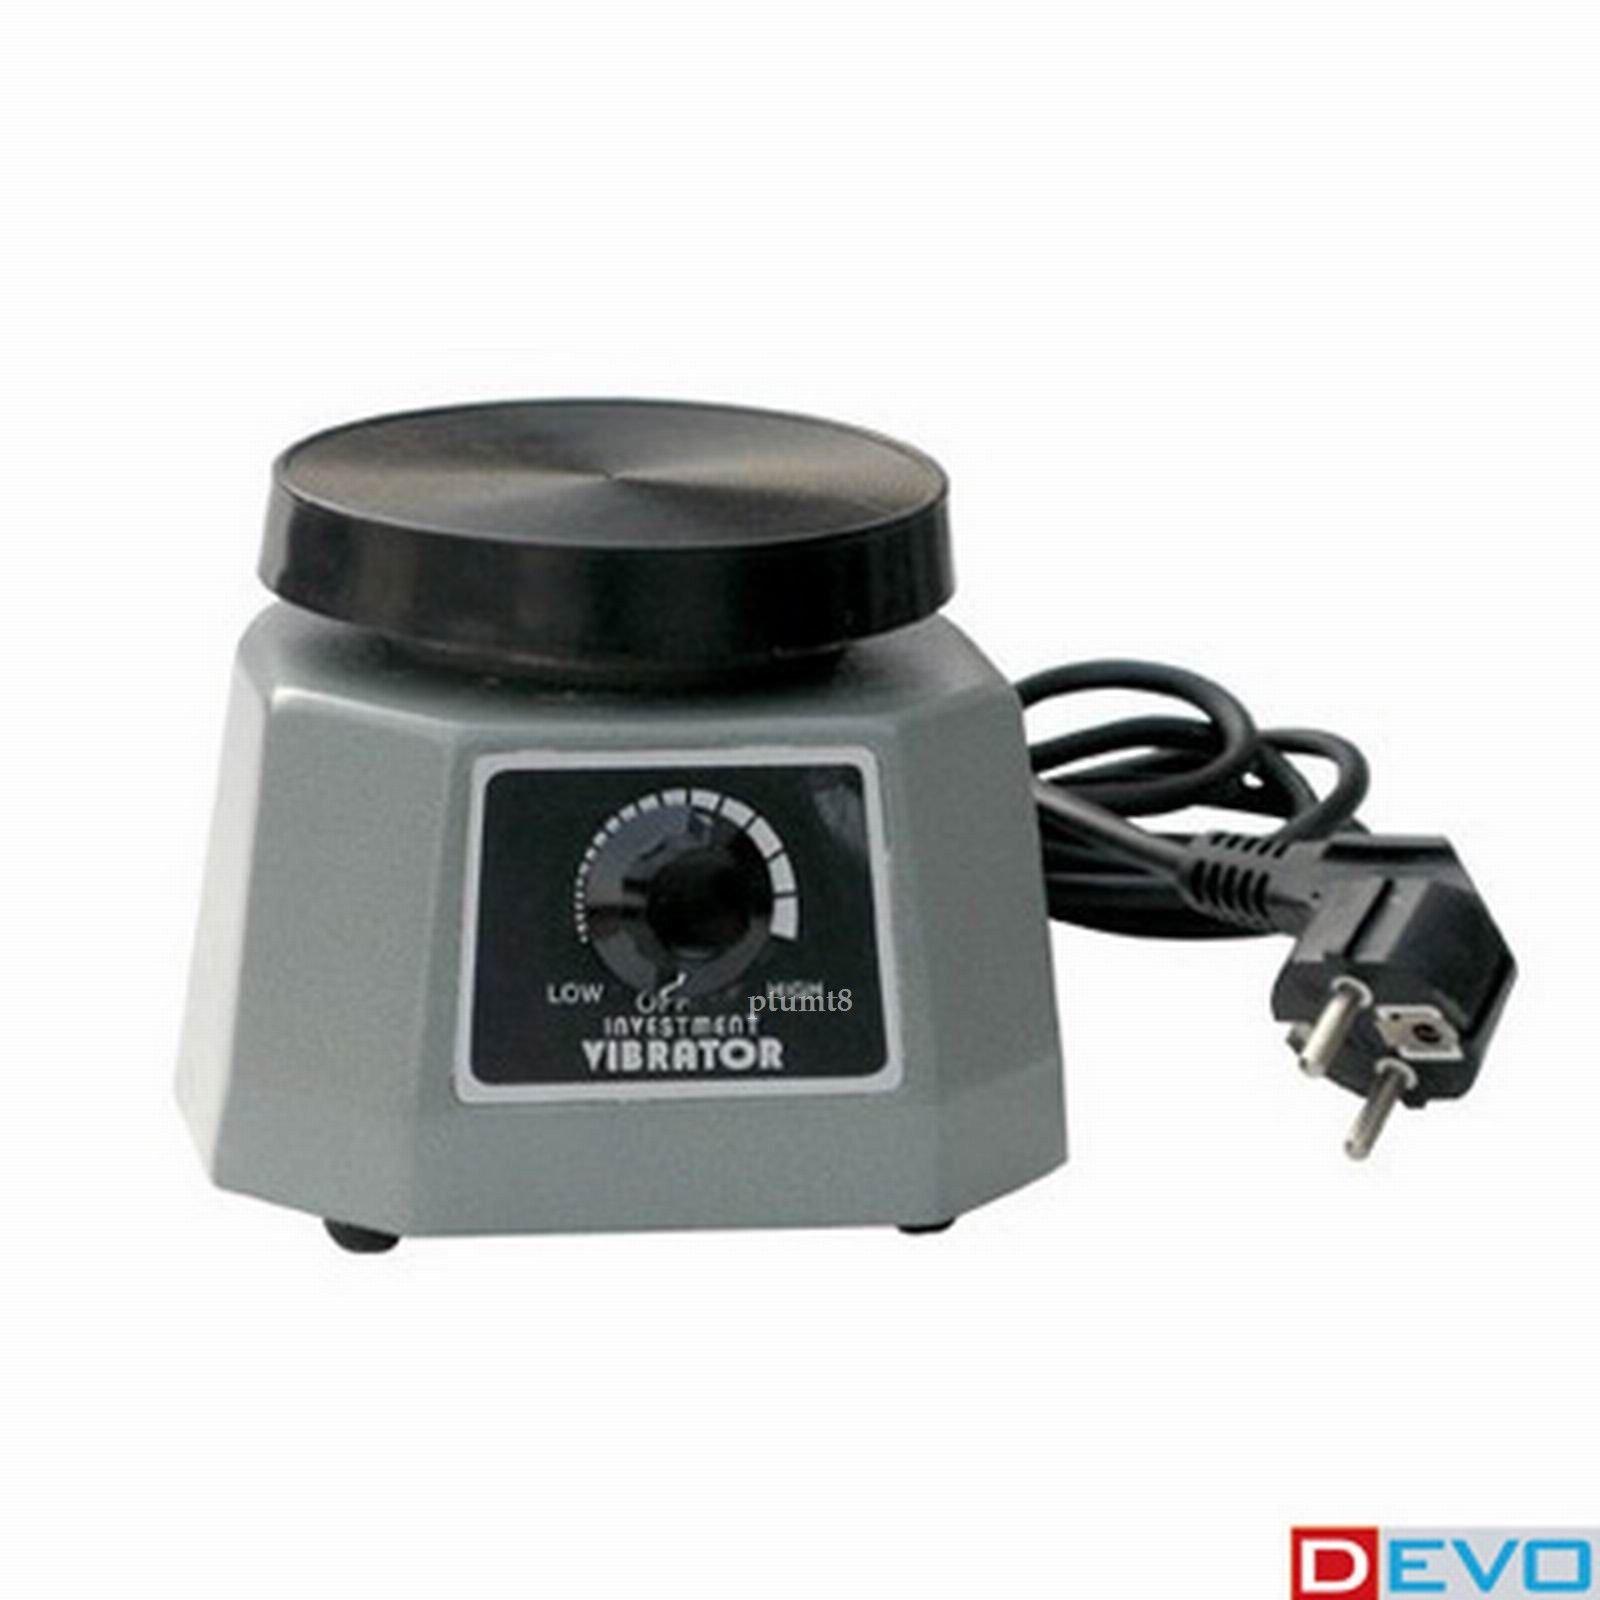 New Vibrator 4'' Round Dental Lab Dentist 110V